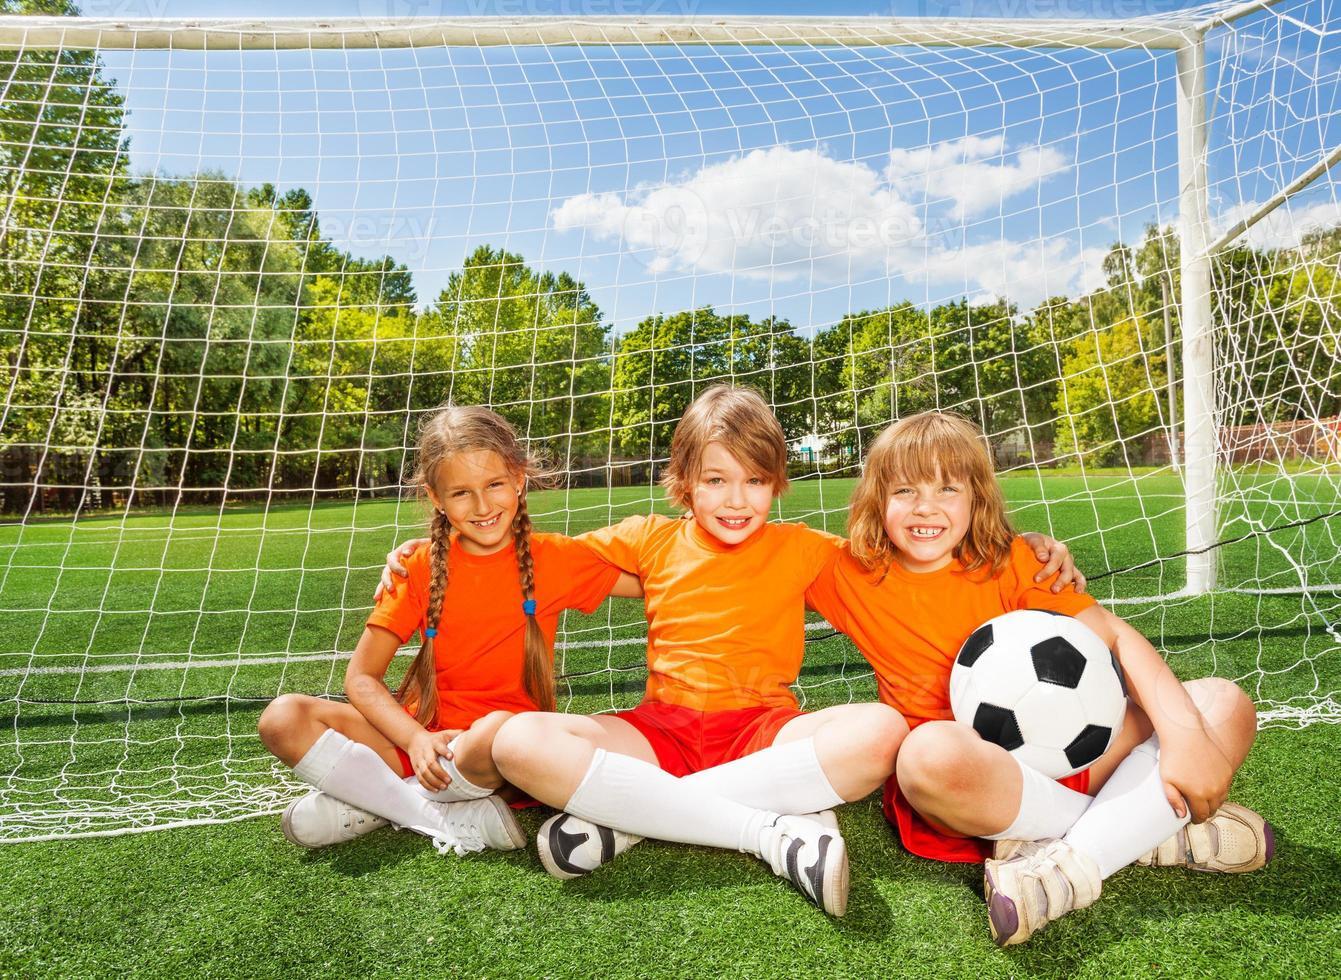 crianças sorrindo, sentado na grama com futebol foto